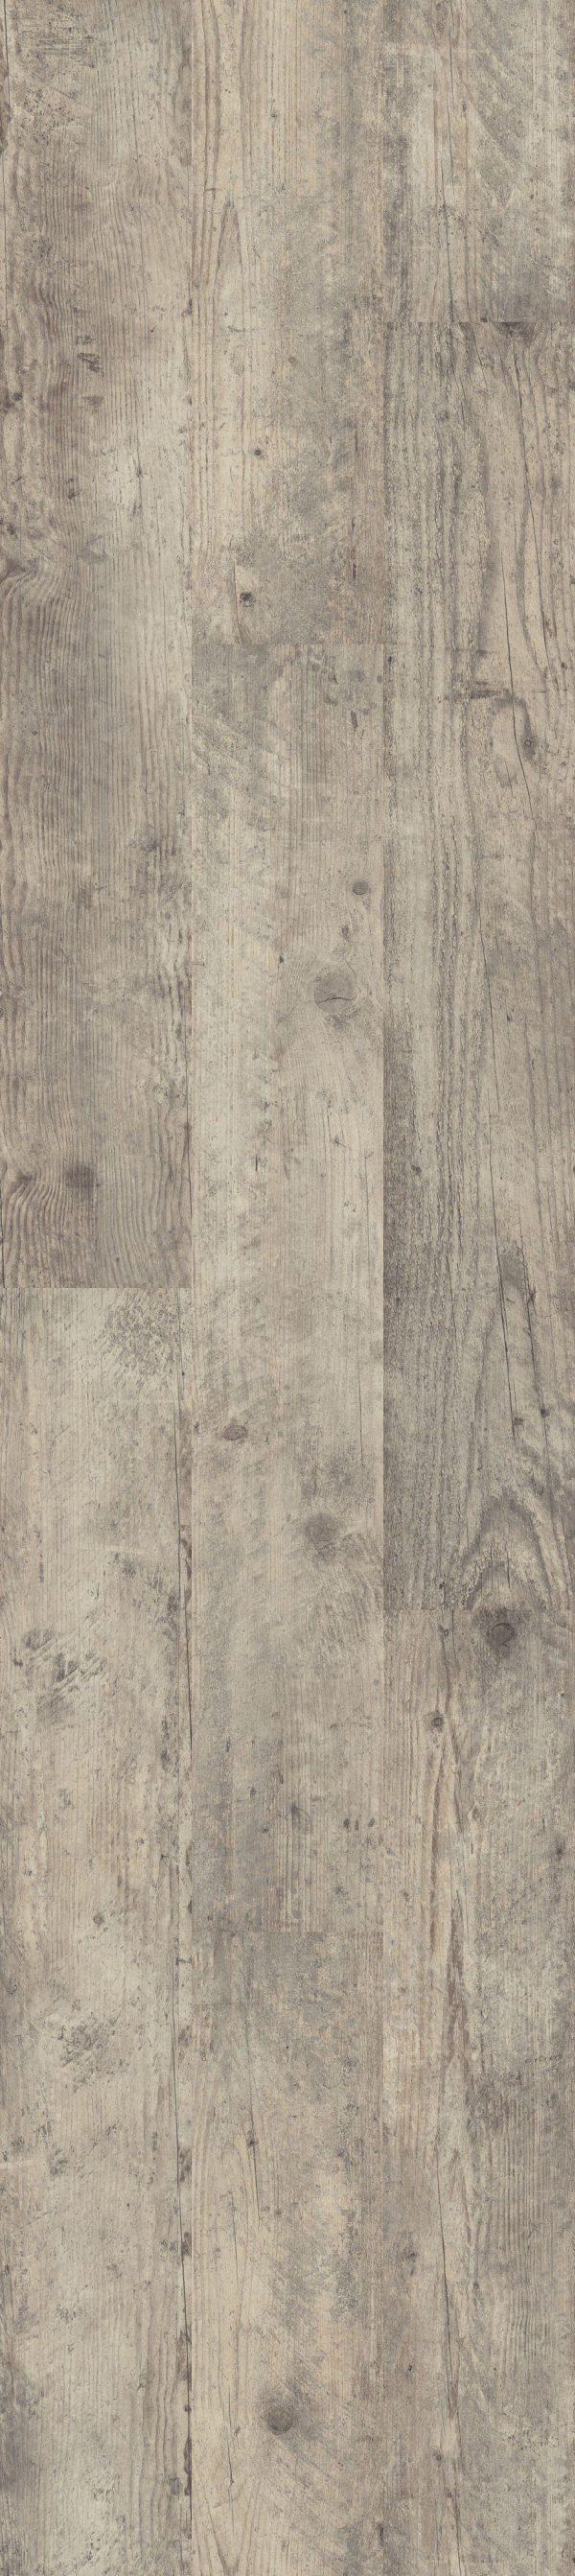 Lumber Grey